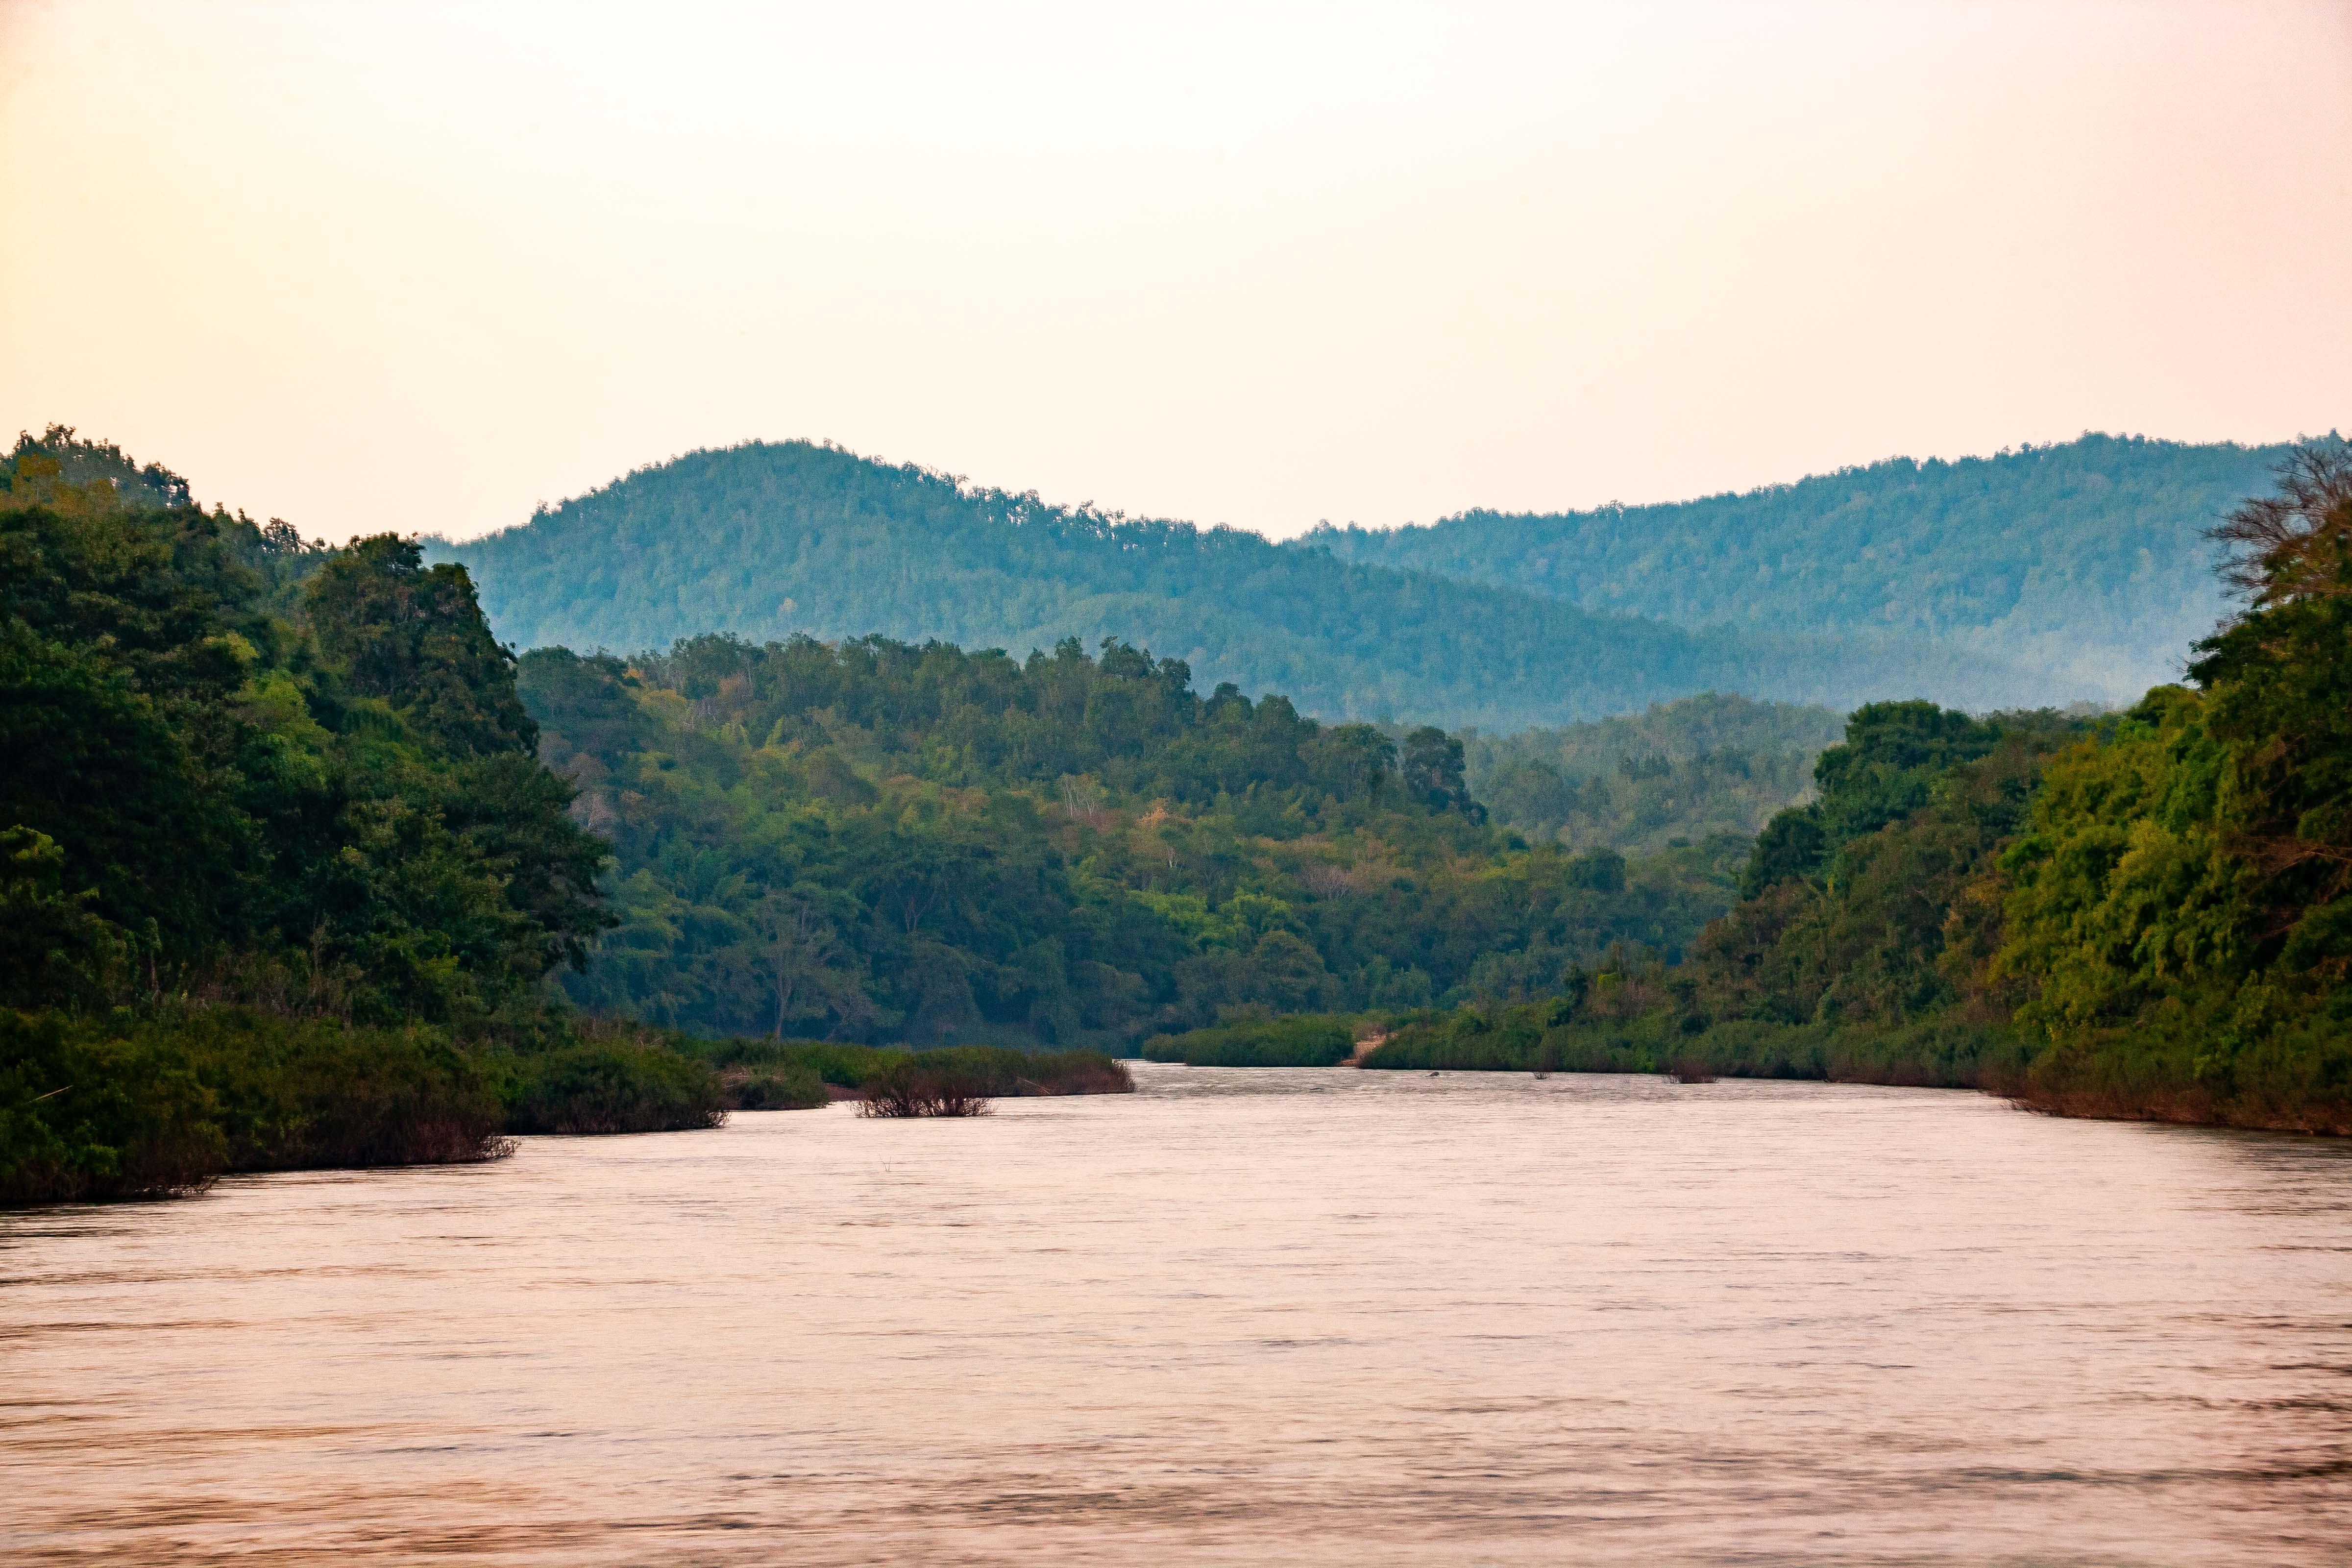 Thailand, Nan Prov, River Scene, 2008, IMG 6566